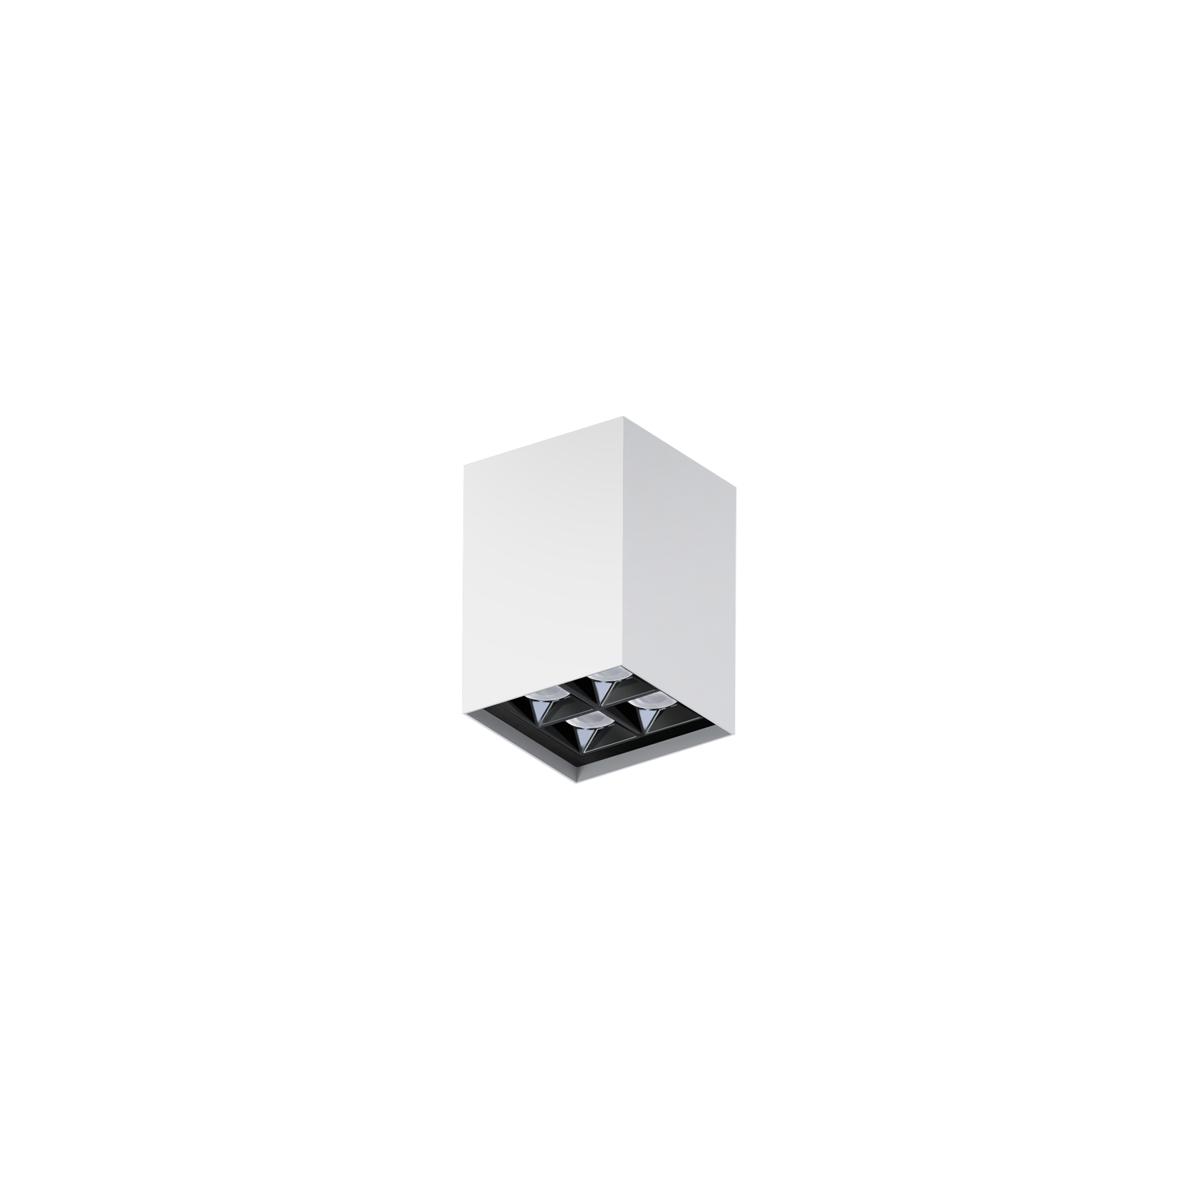 Box 1C Dark SQ 1L 100x100